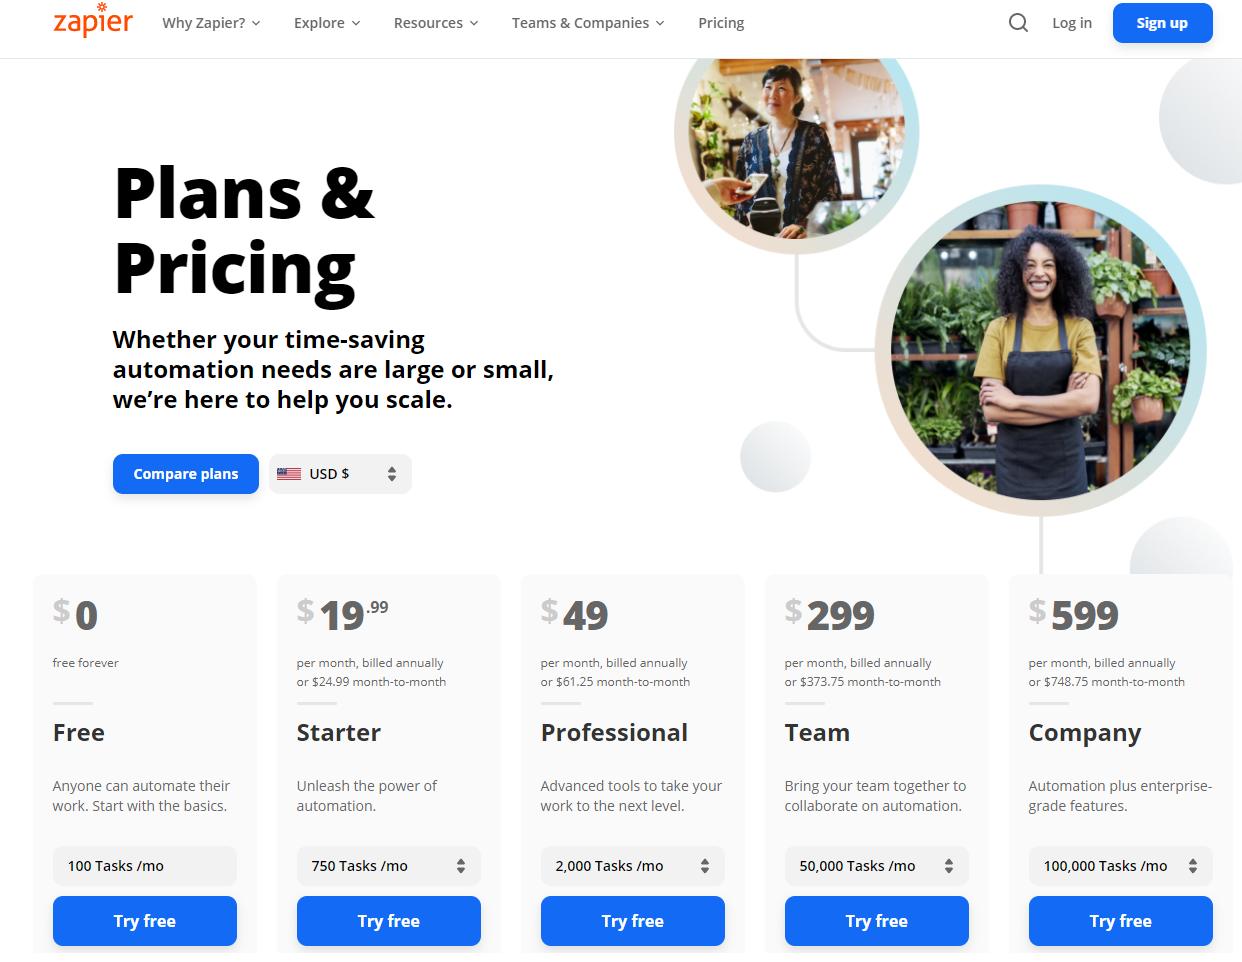 SaaS Inbound Marketing Case Study - Pricing